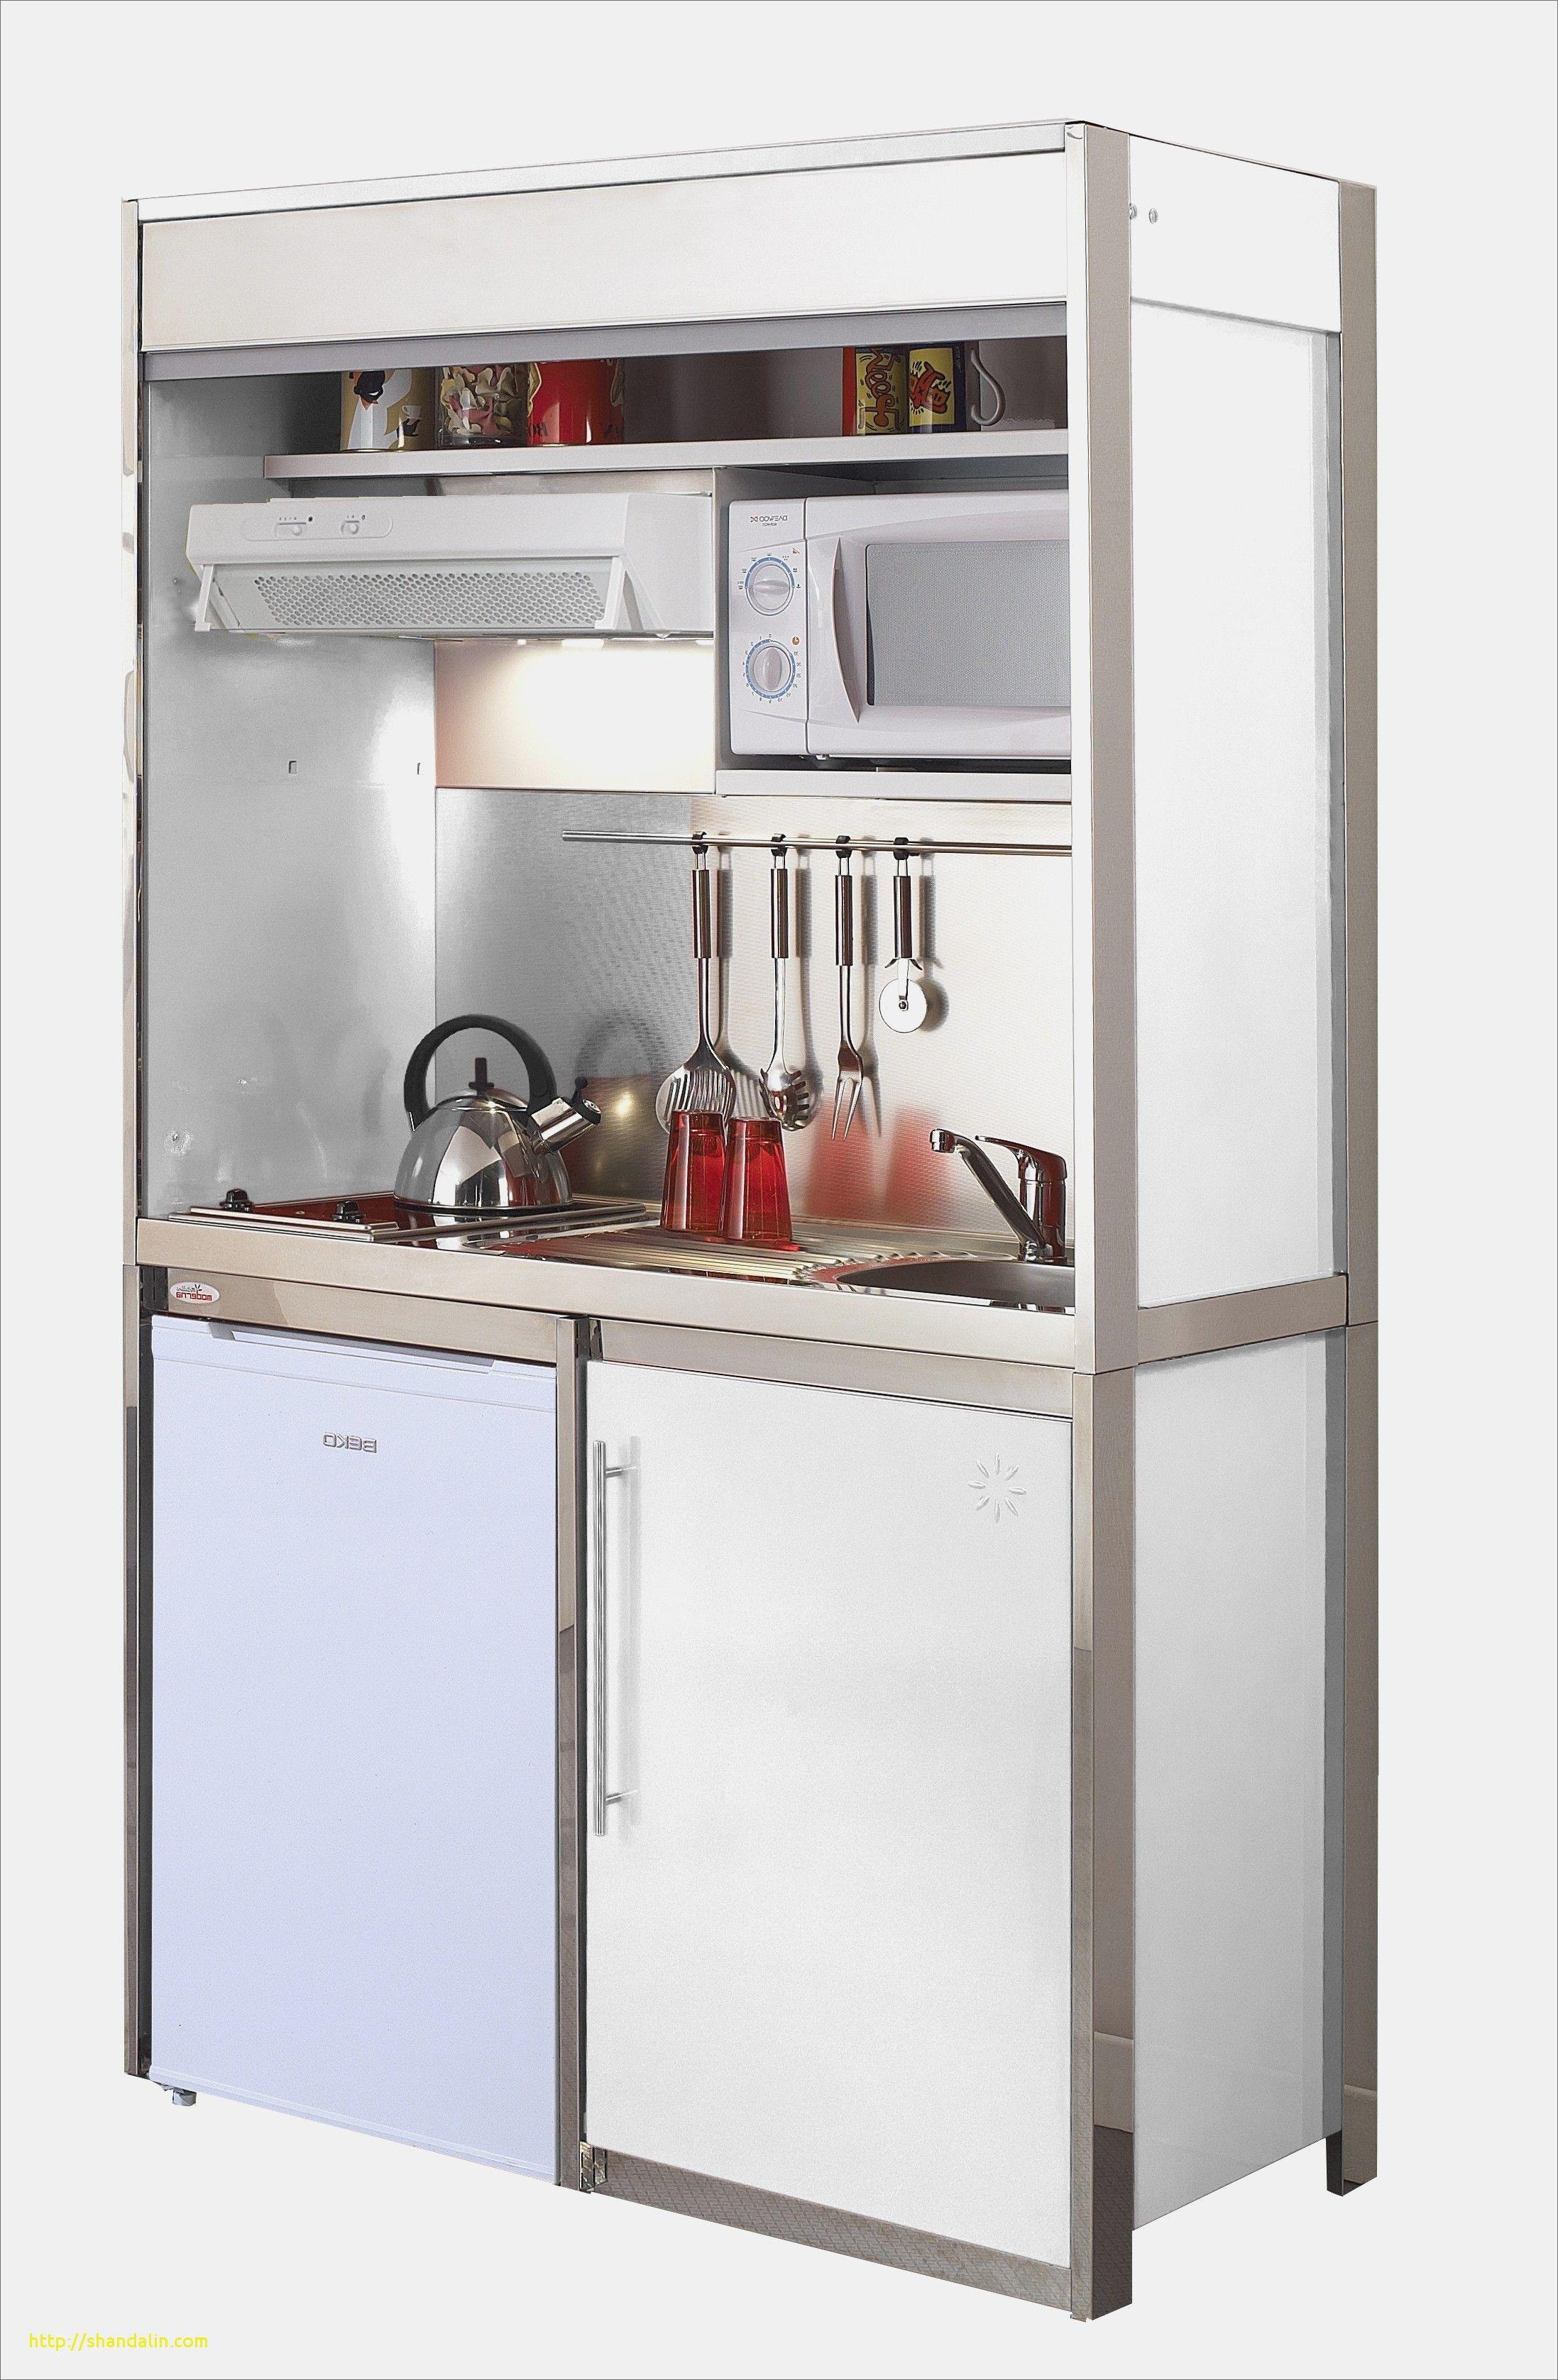 Magnifique Armoire Pour Studio Bloc Kitchenette Ikea Avec Cuisine L Gant Knoxhult Photos De Idees Et Meilleur Pact Cuisines Deco Kitchenette Kitchen Decorating